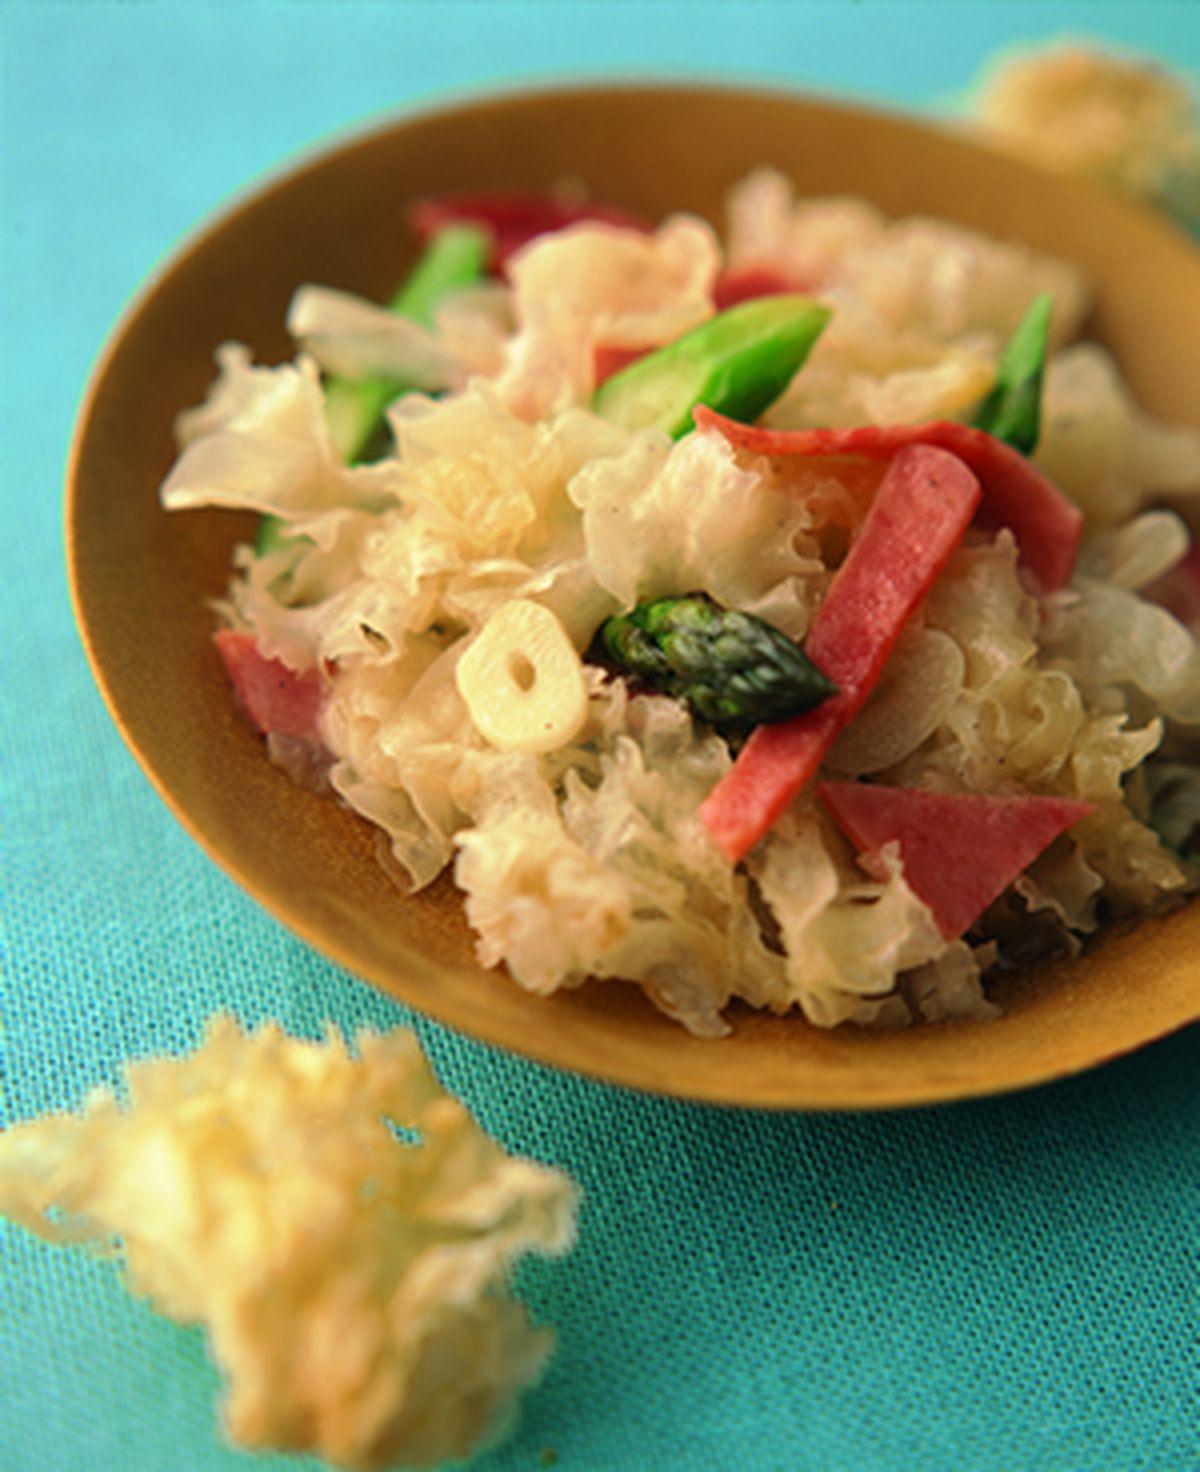 食譜:白木耳炒蘆筍